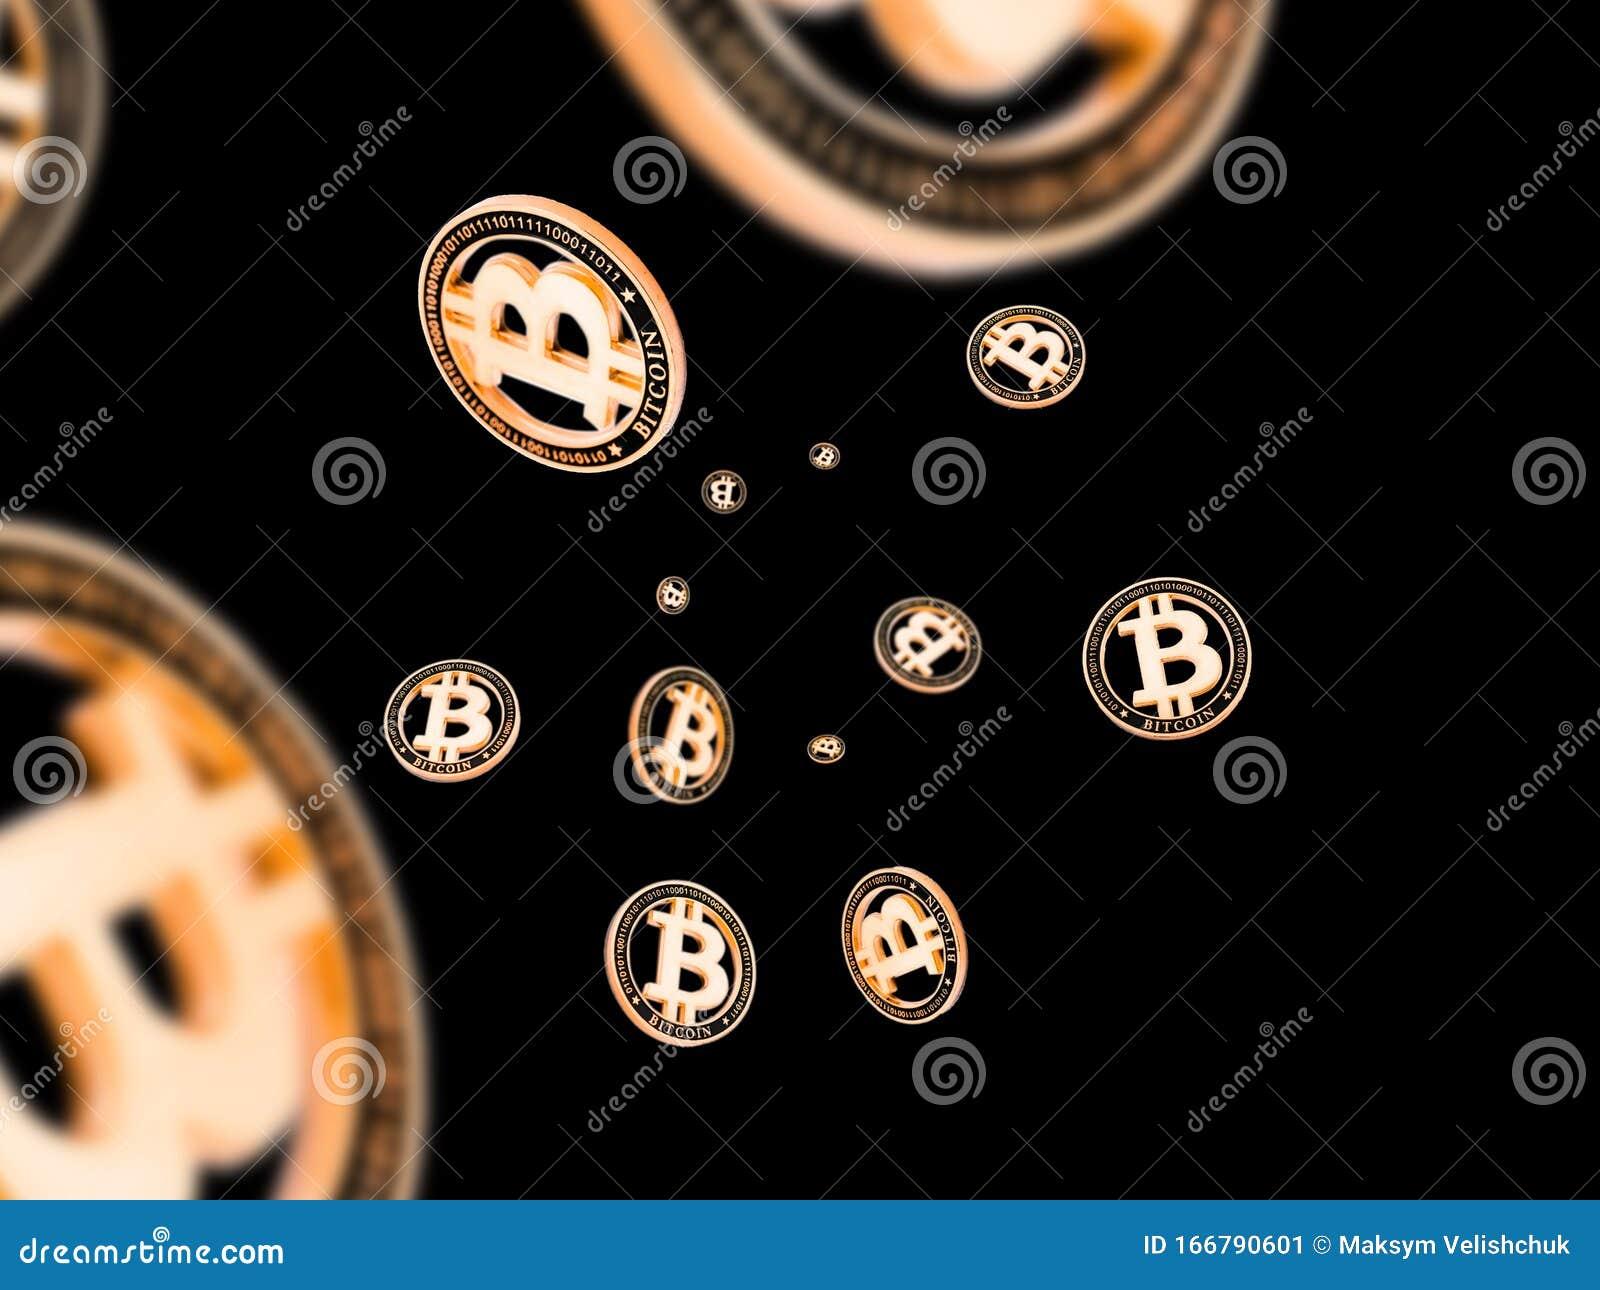 Pin by nagyi on easy-bitcoin | Cloud mining, Easy bitcoin, Free bitcoin mining